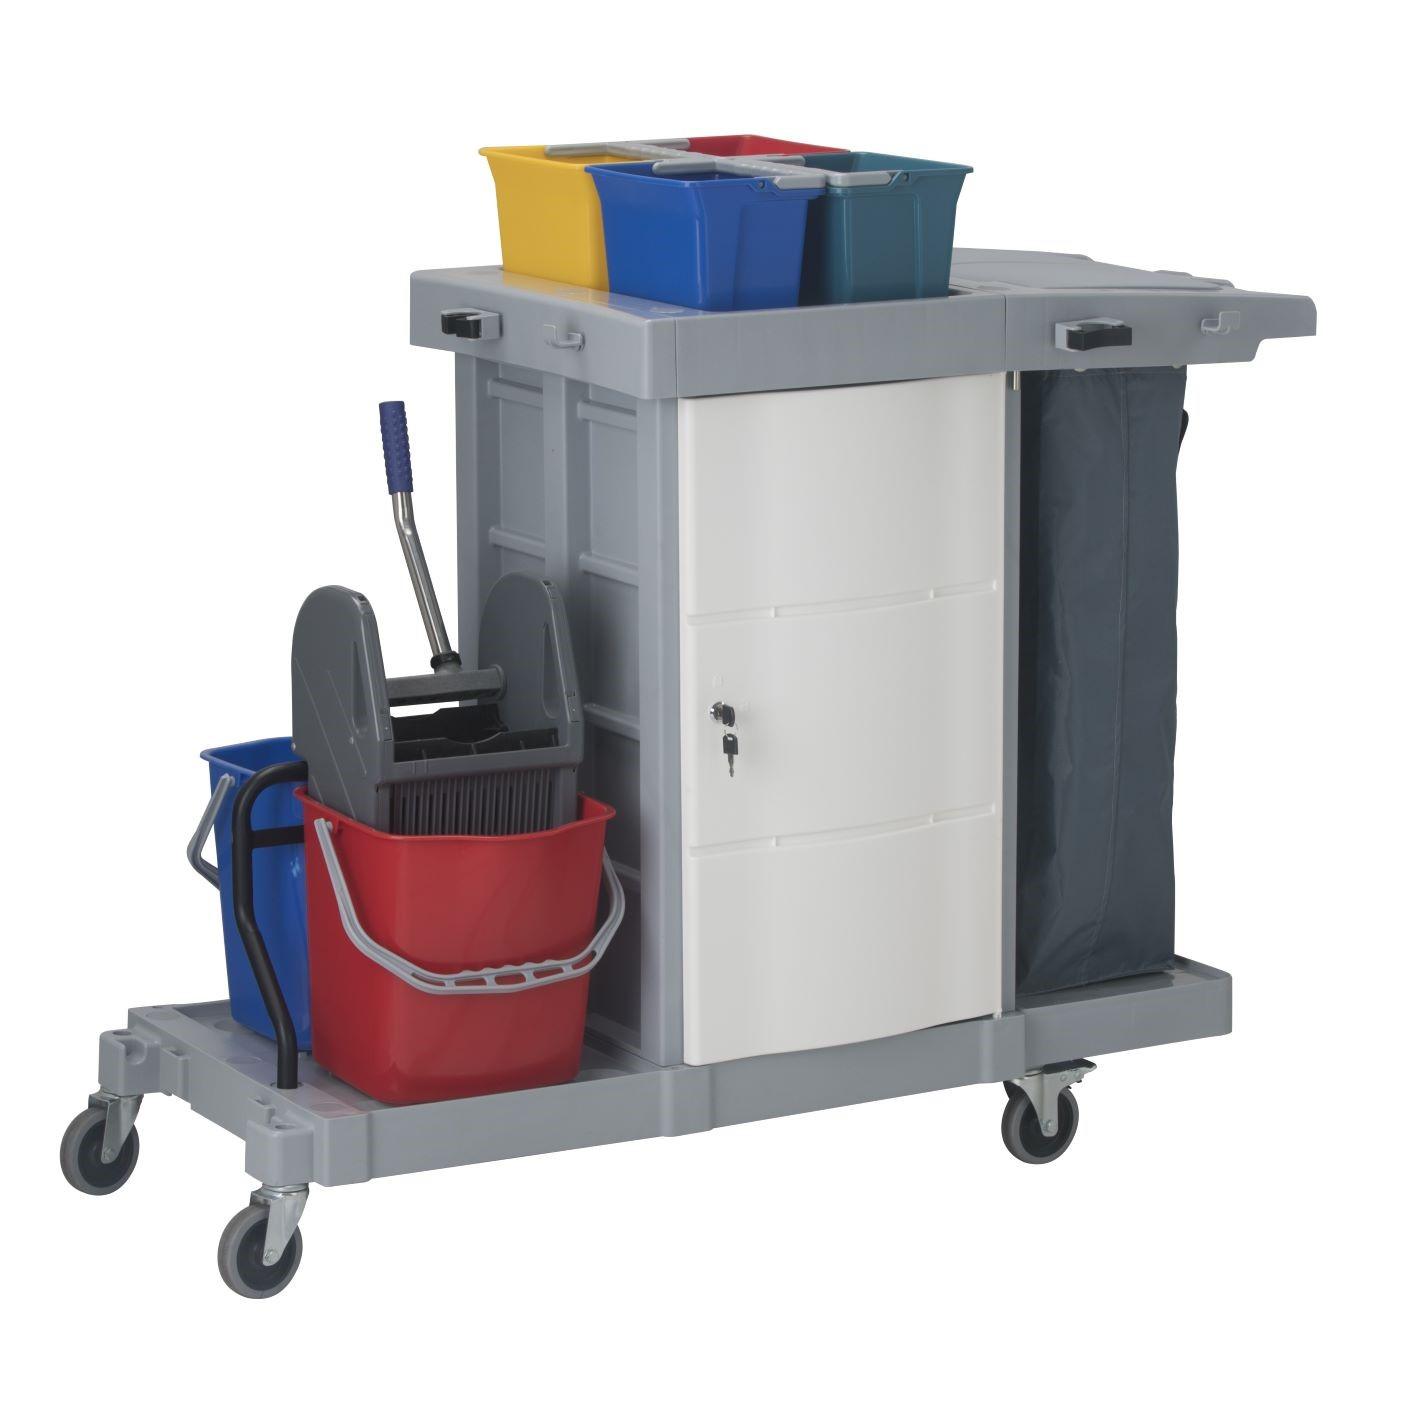 Carrello multifunzione per pulizie Safety